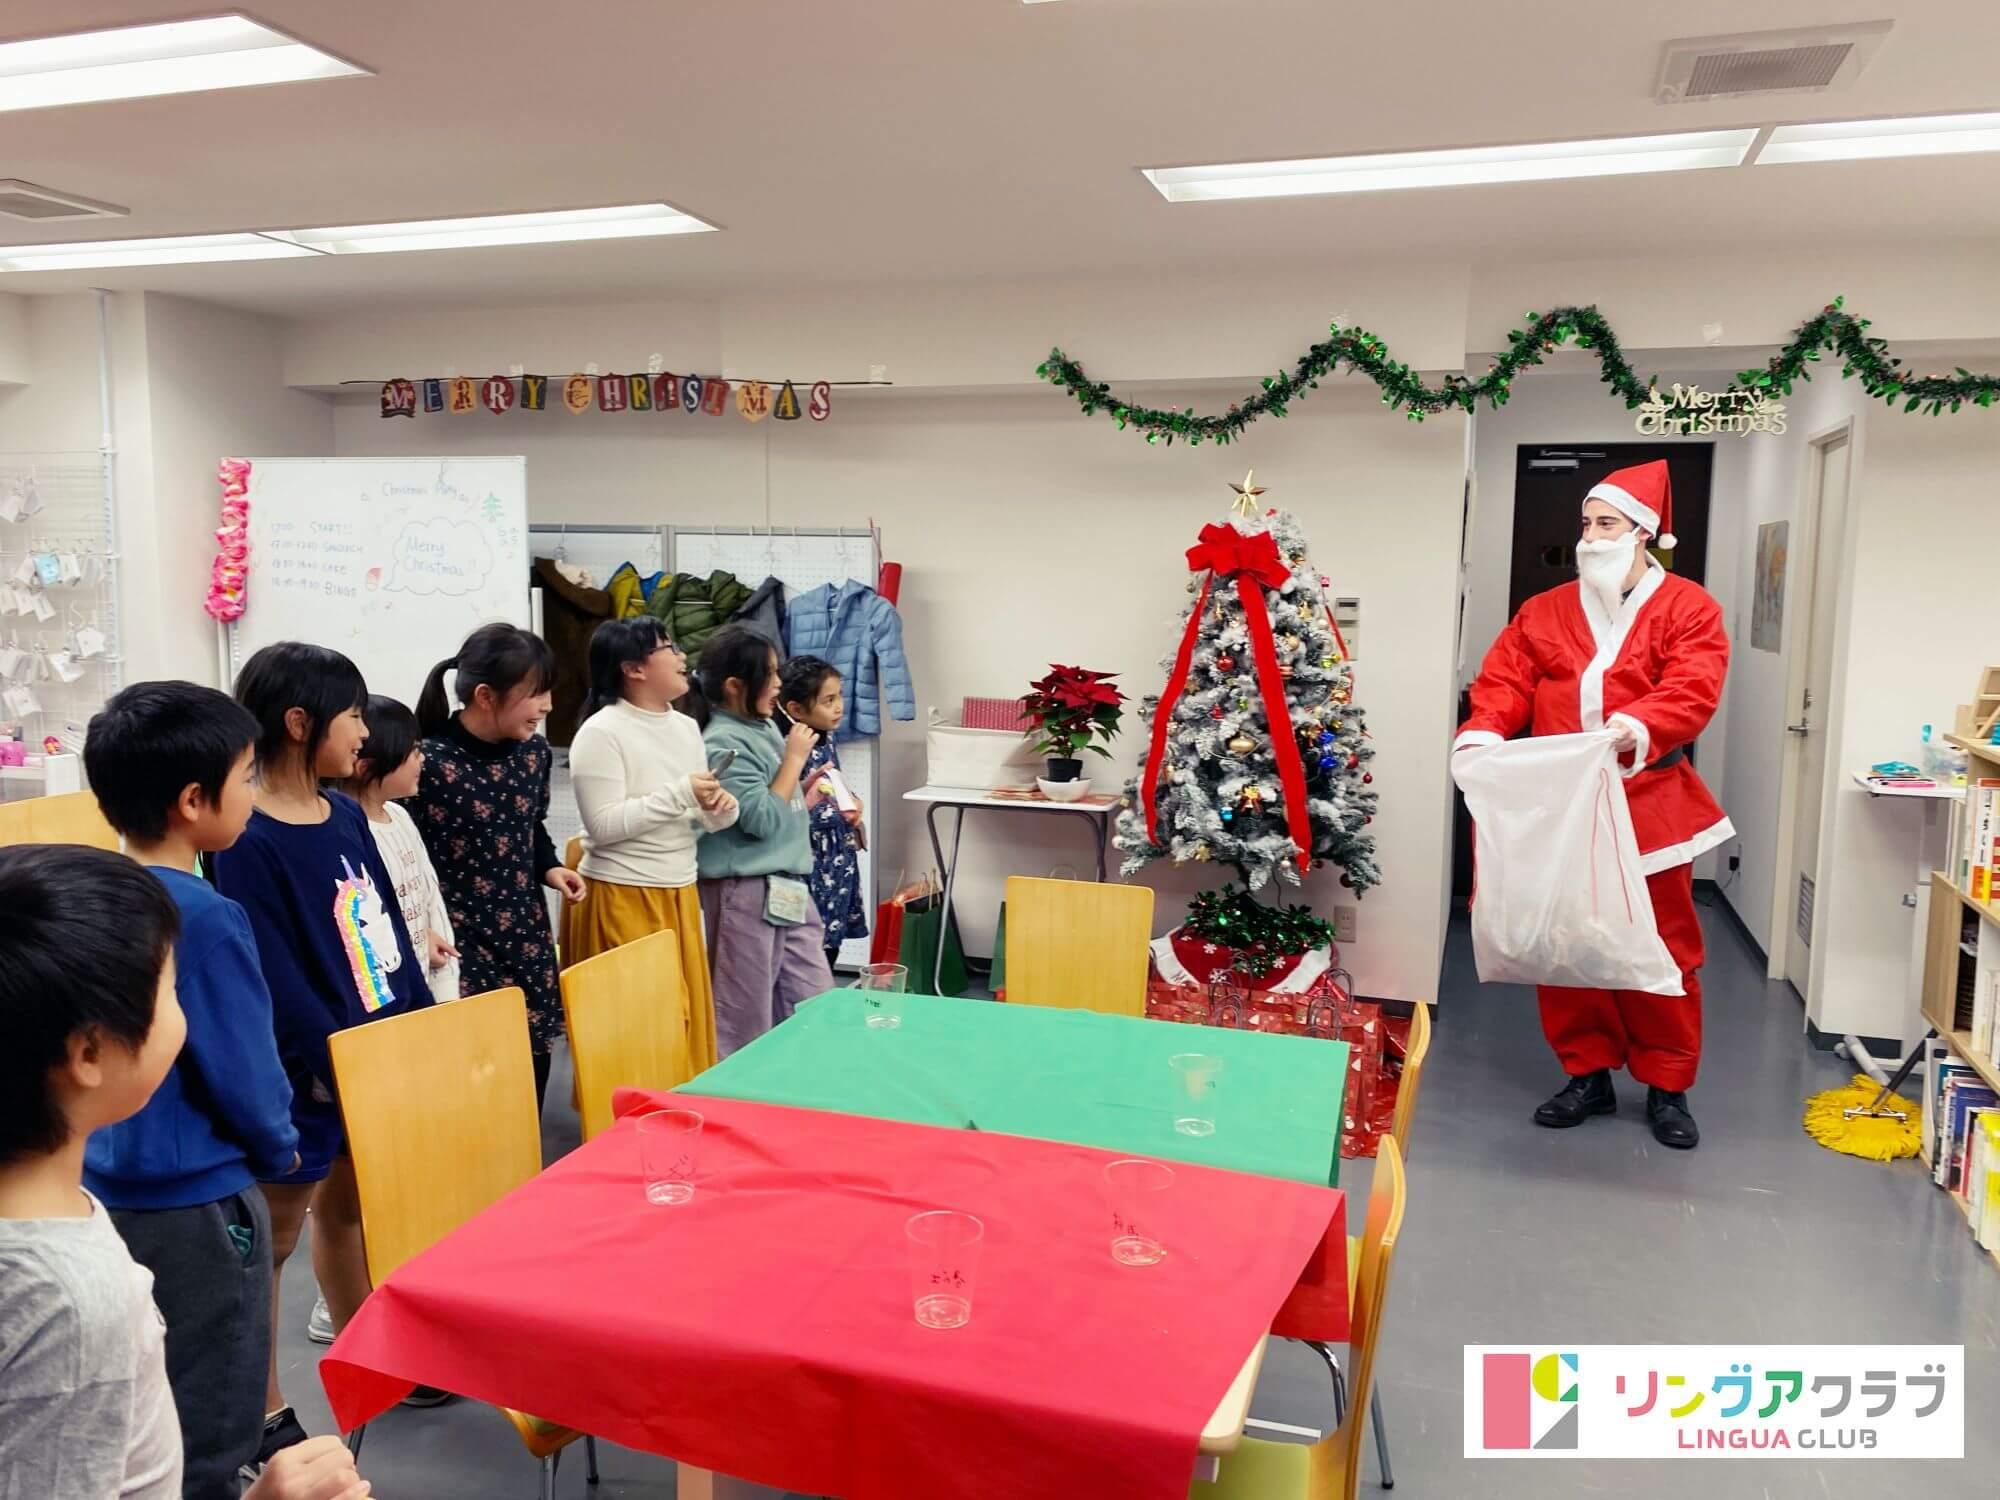 サンタクロース登場!!